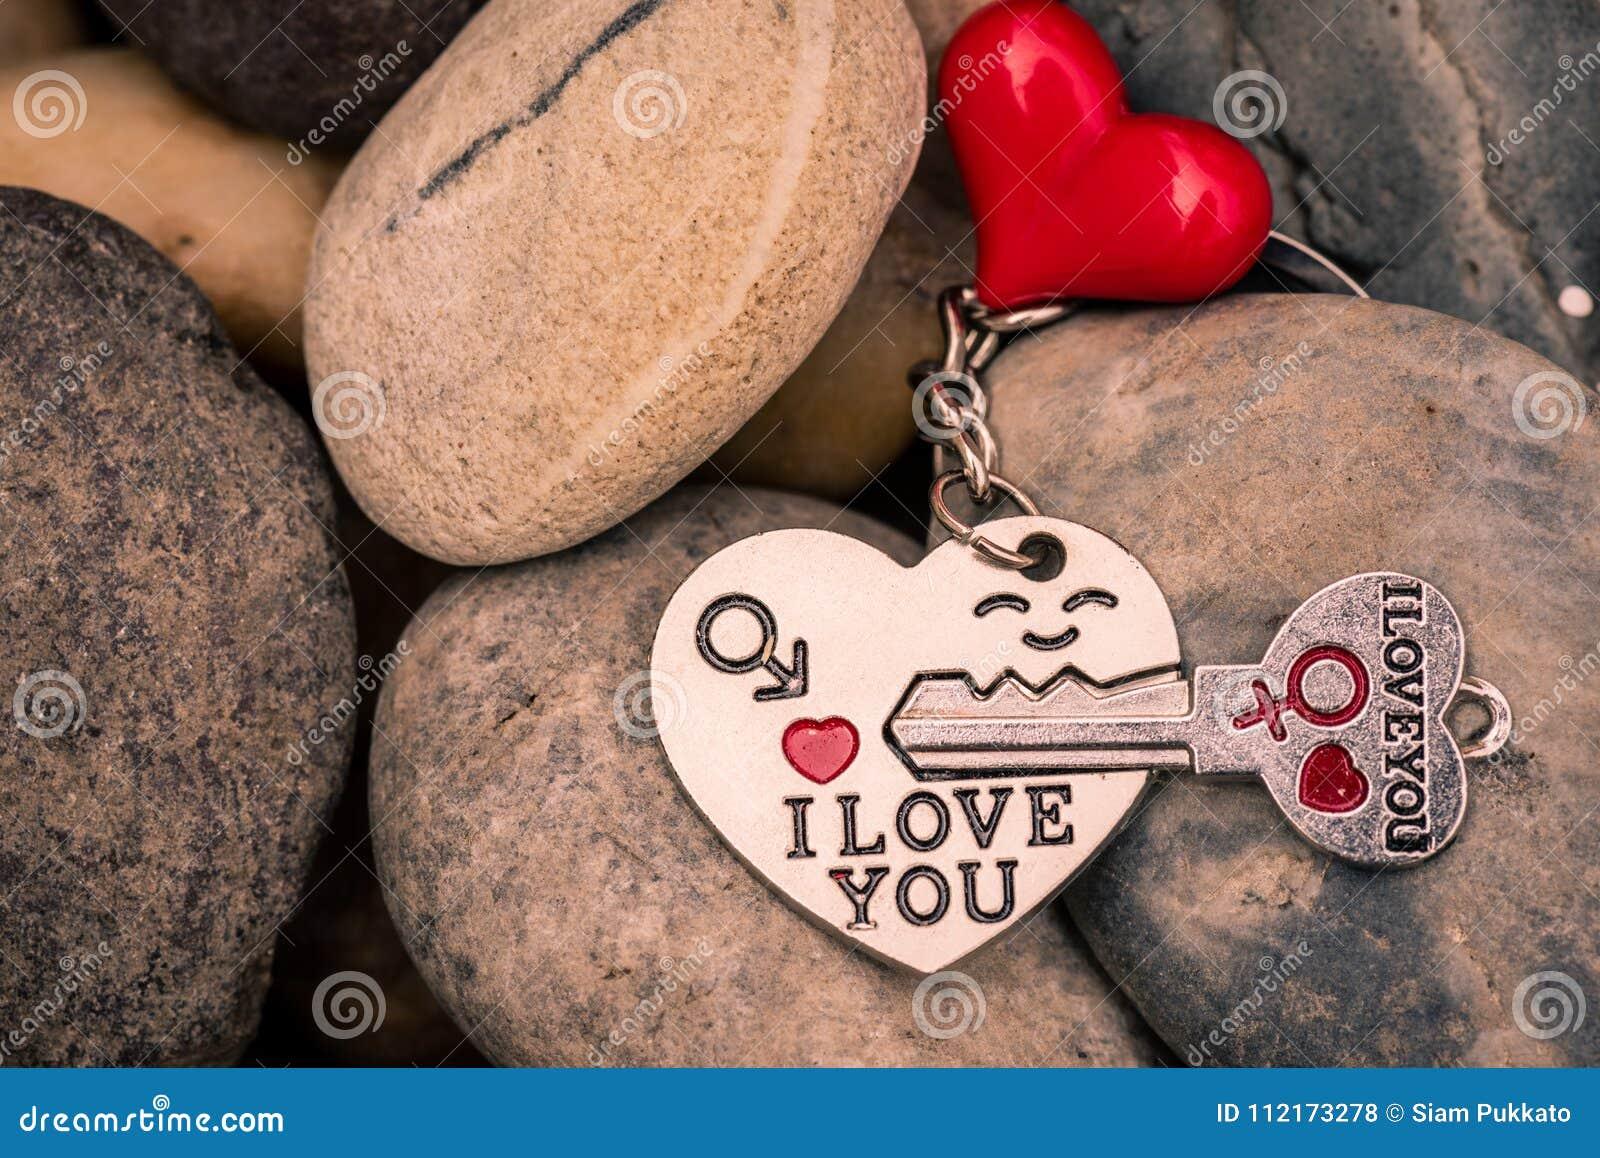 Ik houd van u Zeer belangrijke die kettingen in hart met rood hart op Stenen wordt gevormd,